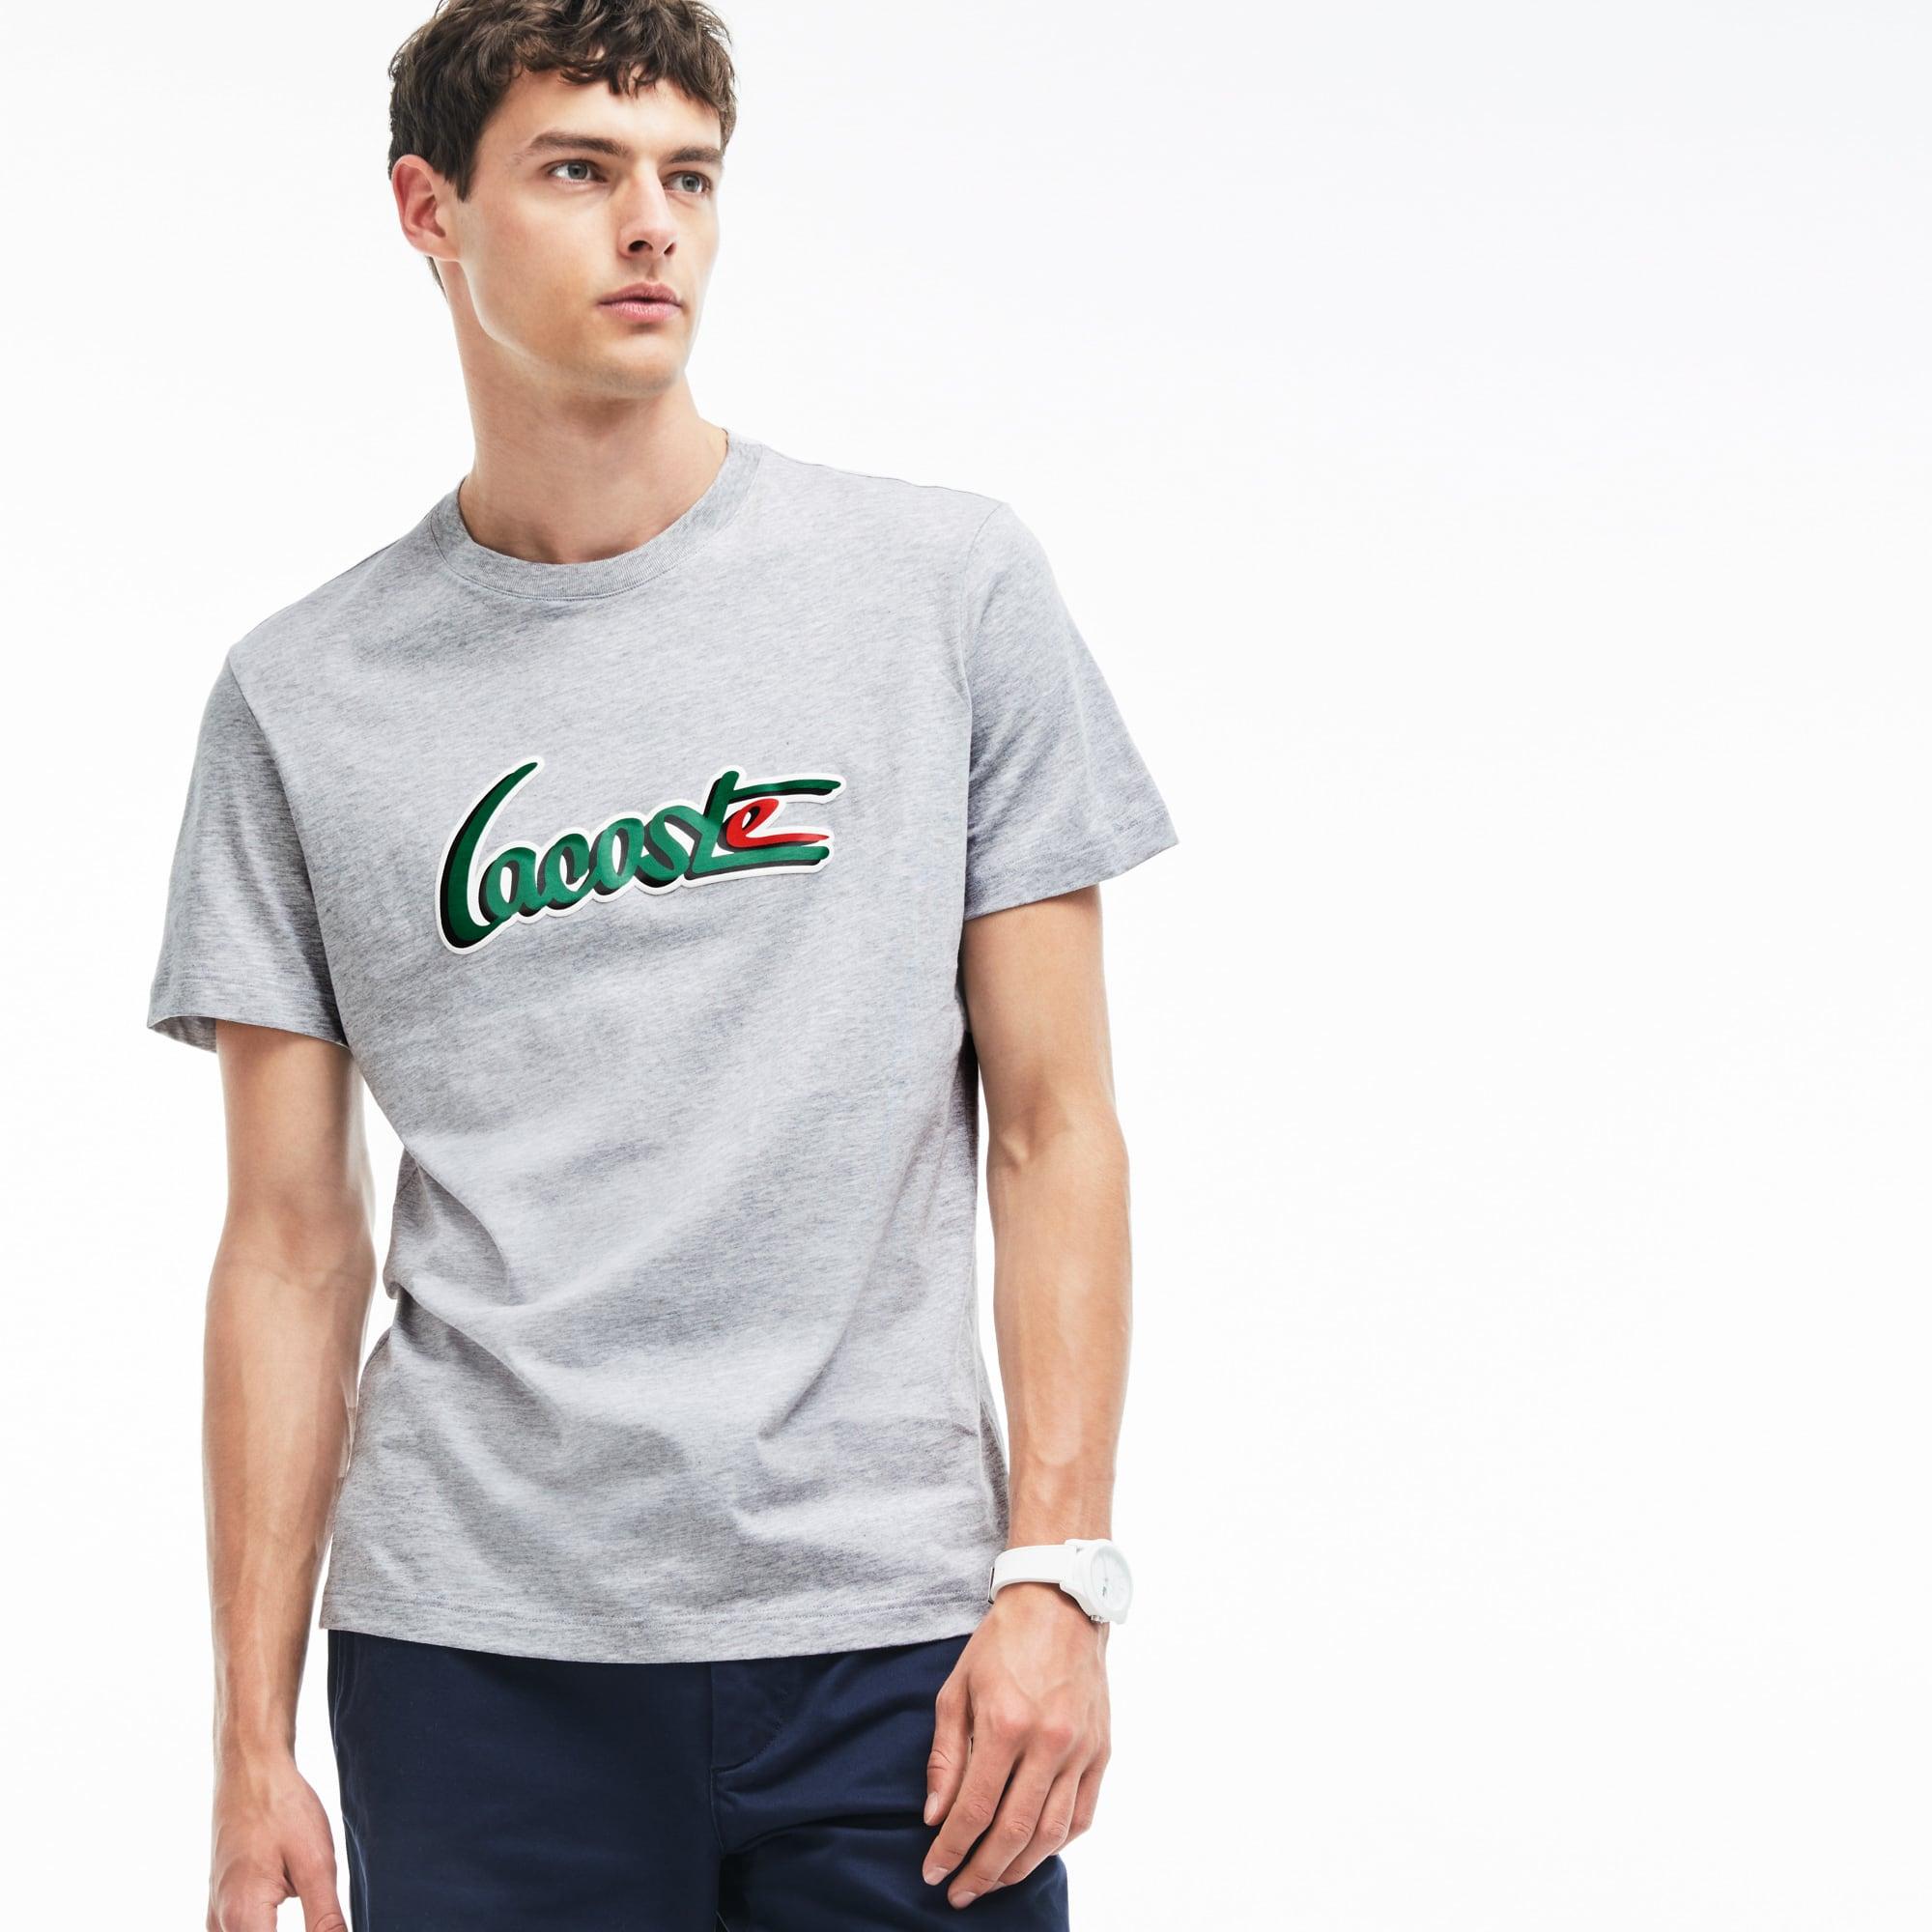 T-shirt de decote redondo em jersey com inscrição LACOSTE em relevo